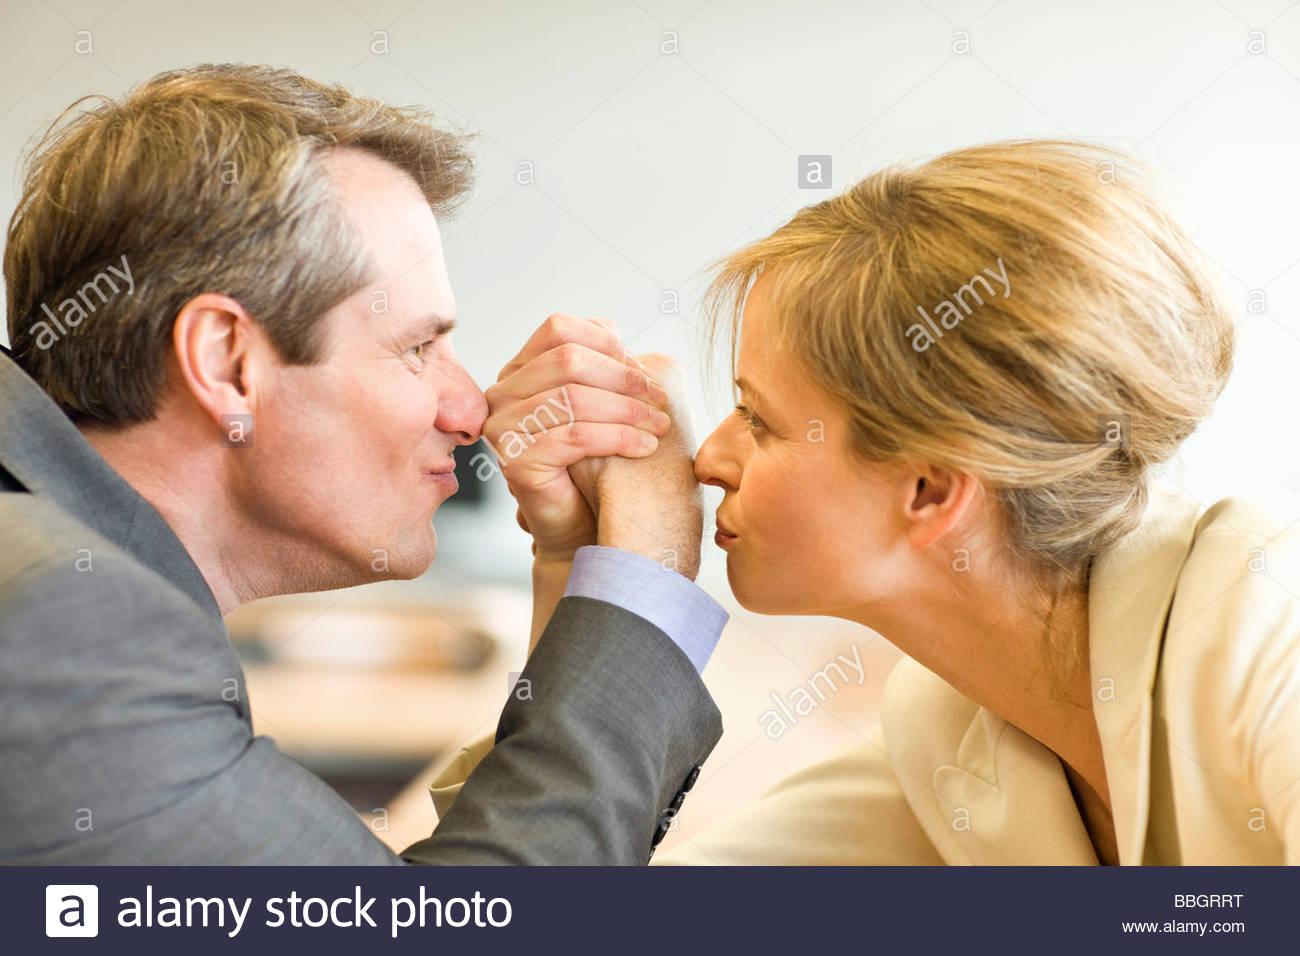 Hombre y mujer madura disfrutando de un agradable bout arm wrestling Imagen De Stock